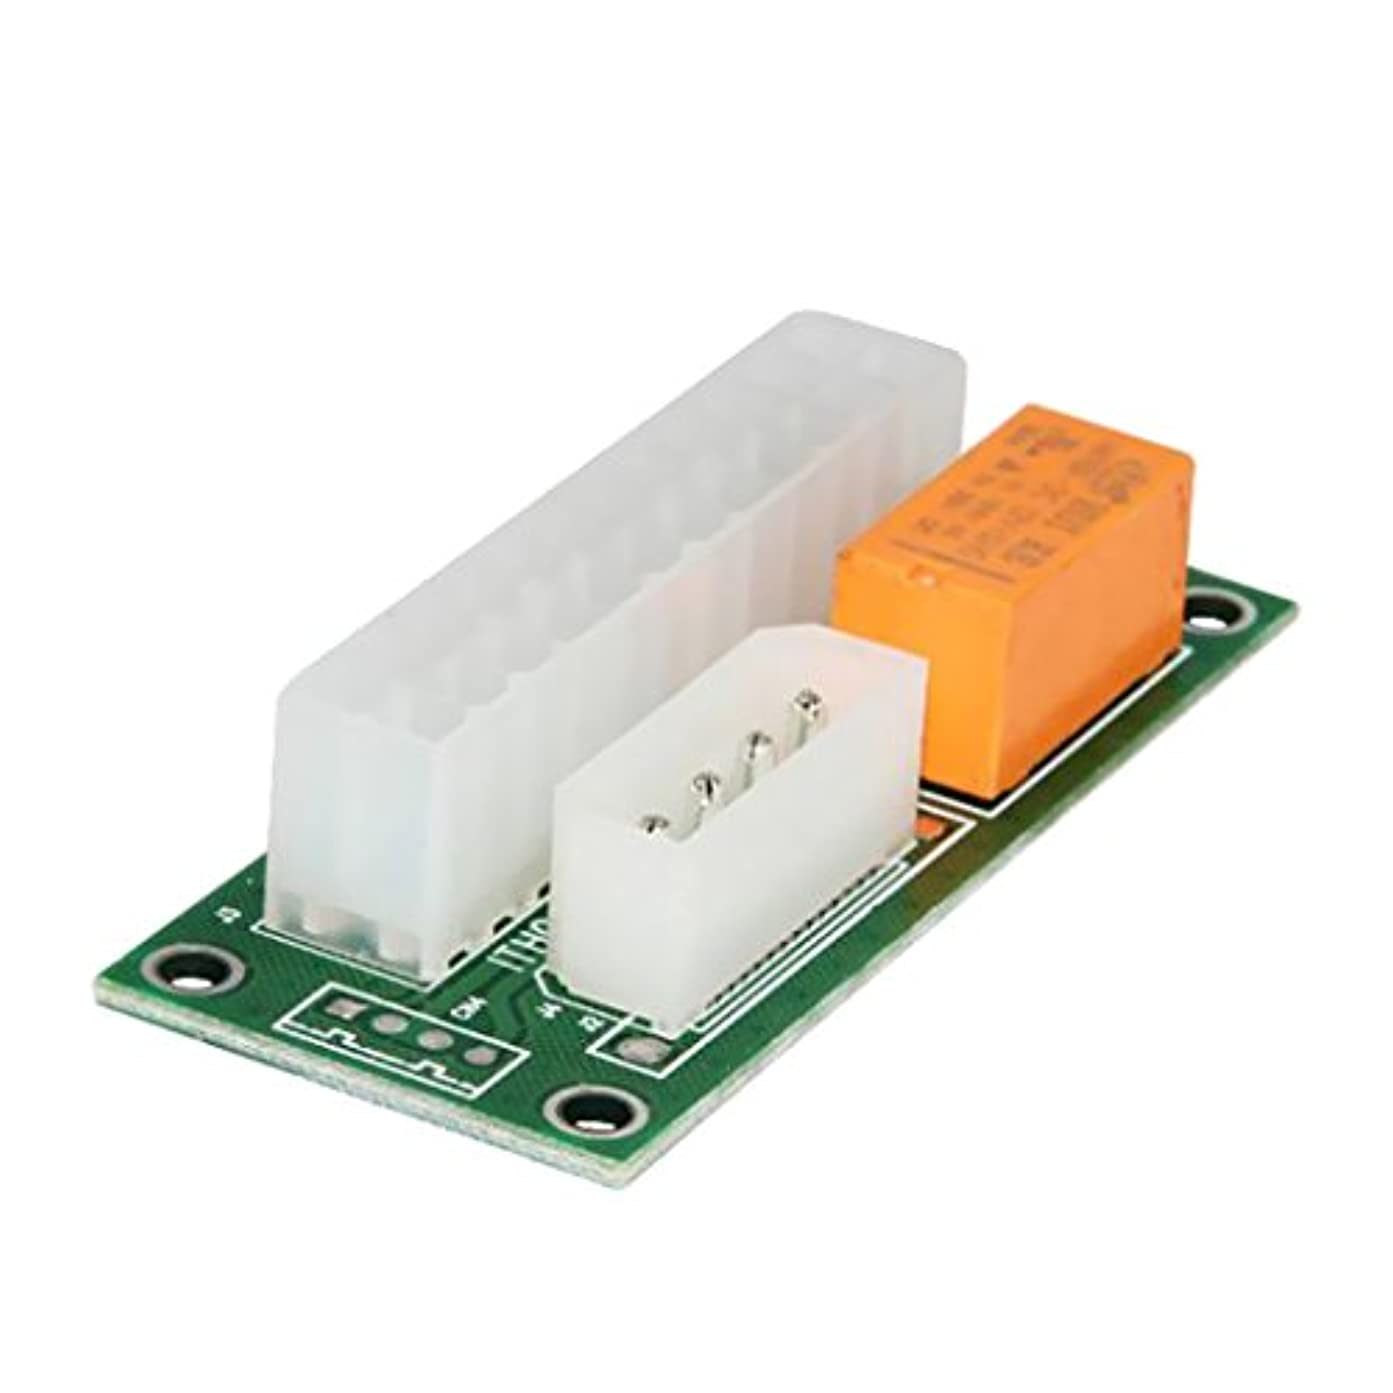 相関する自然テメリティ24ピン 電源起動 シンク アダプタ プラスチック ATX PSU デュアル ダブル パワー コンバータ